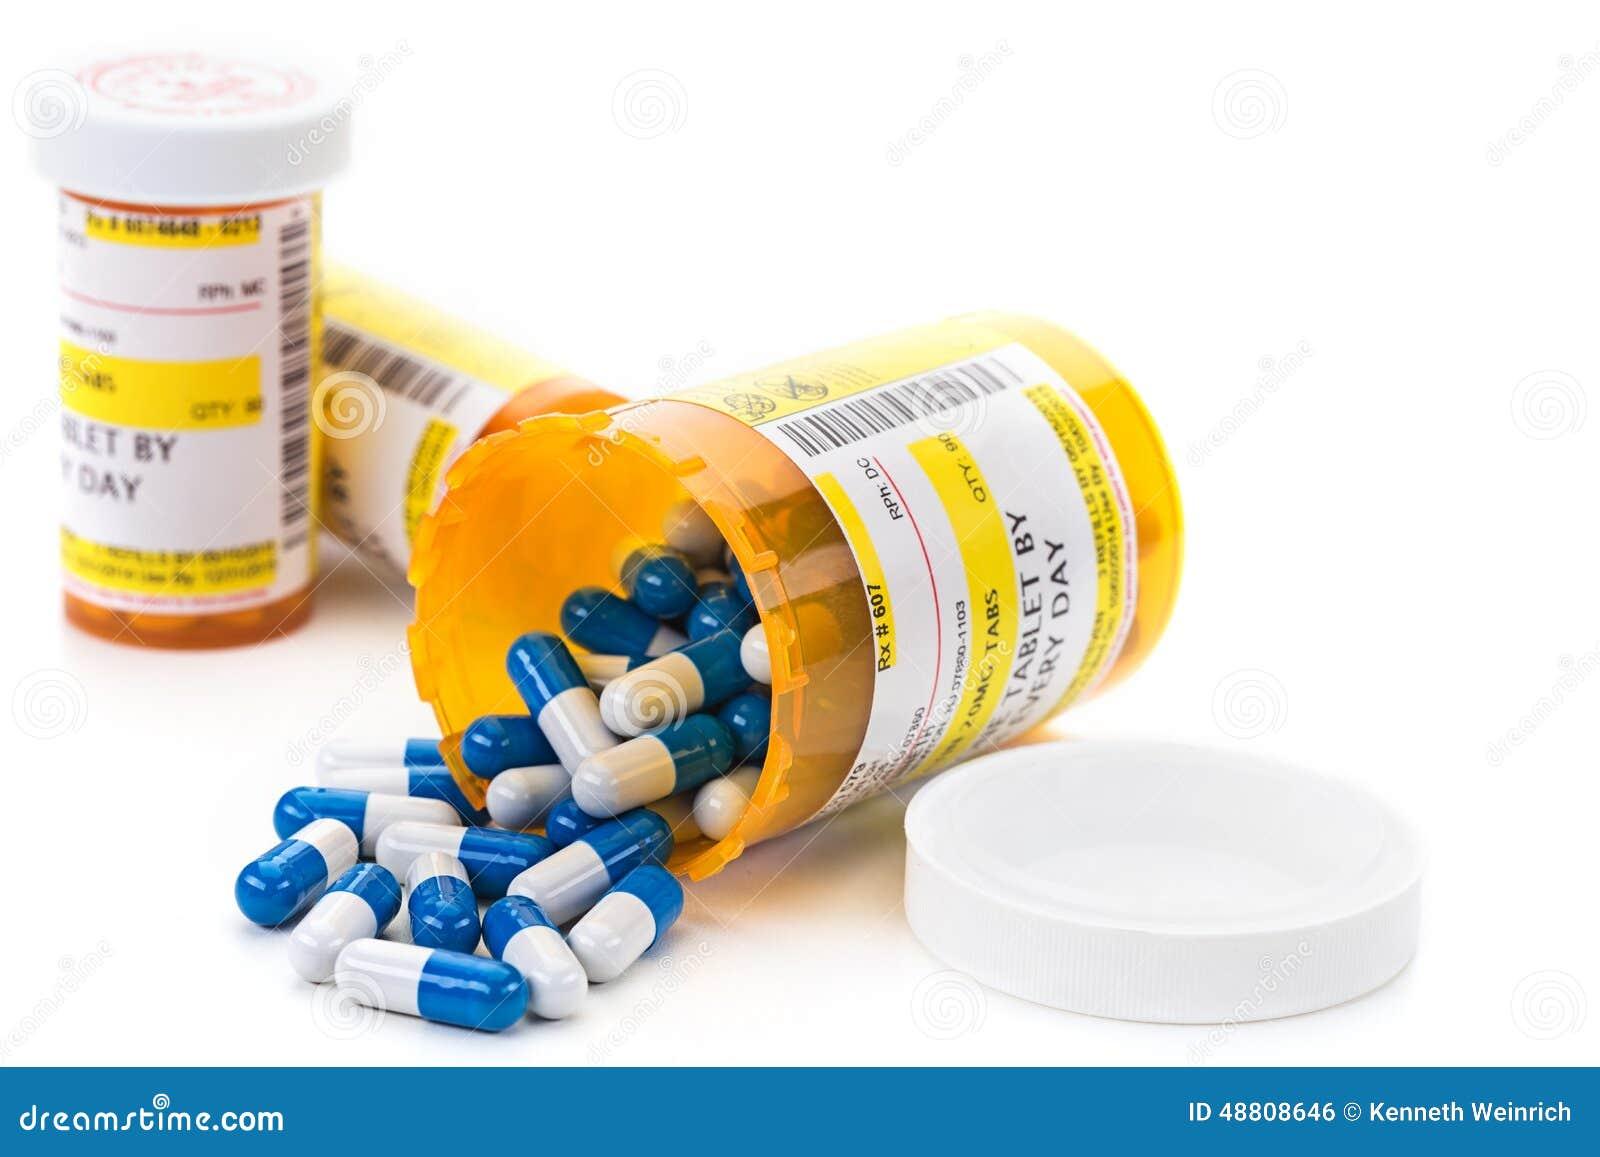 Voorschriftmedicijn in de flesjes van de apotheekpil